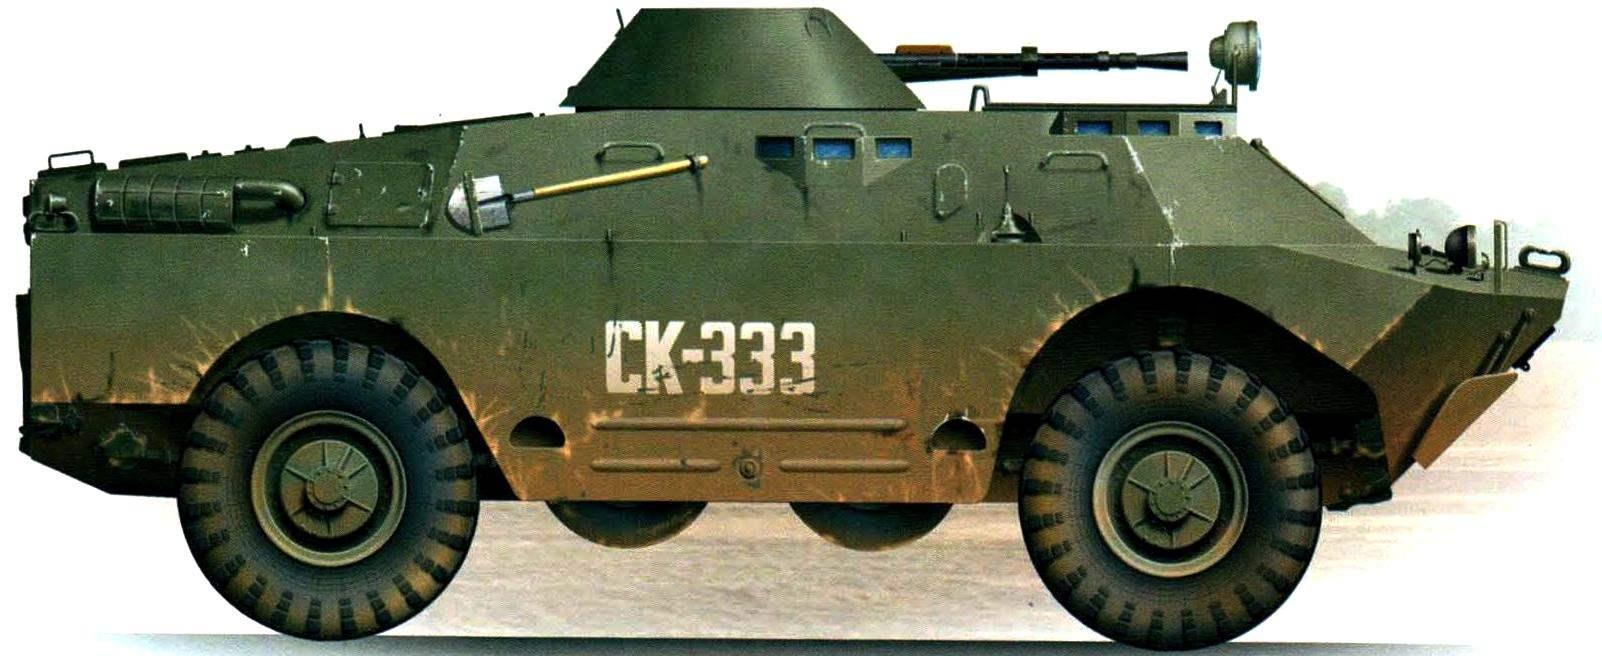 БРДМ-2 внутренних войск Российской Федерации. Ставропольский край, 1995 г.